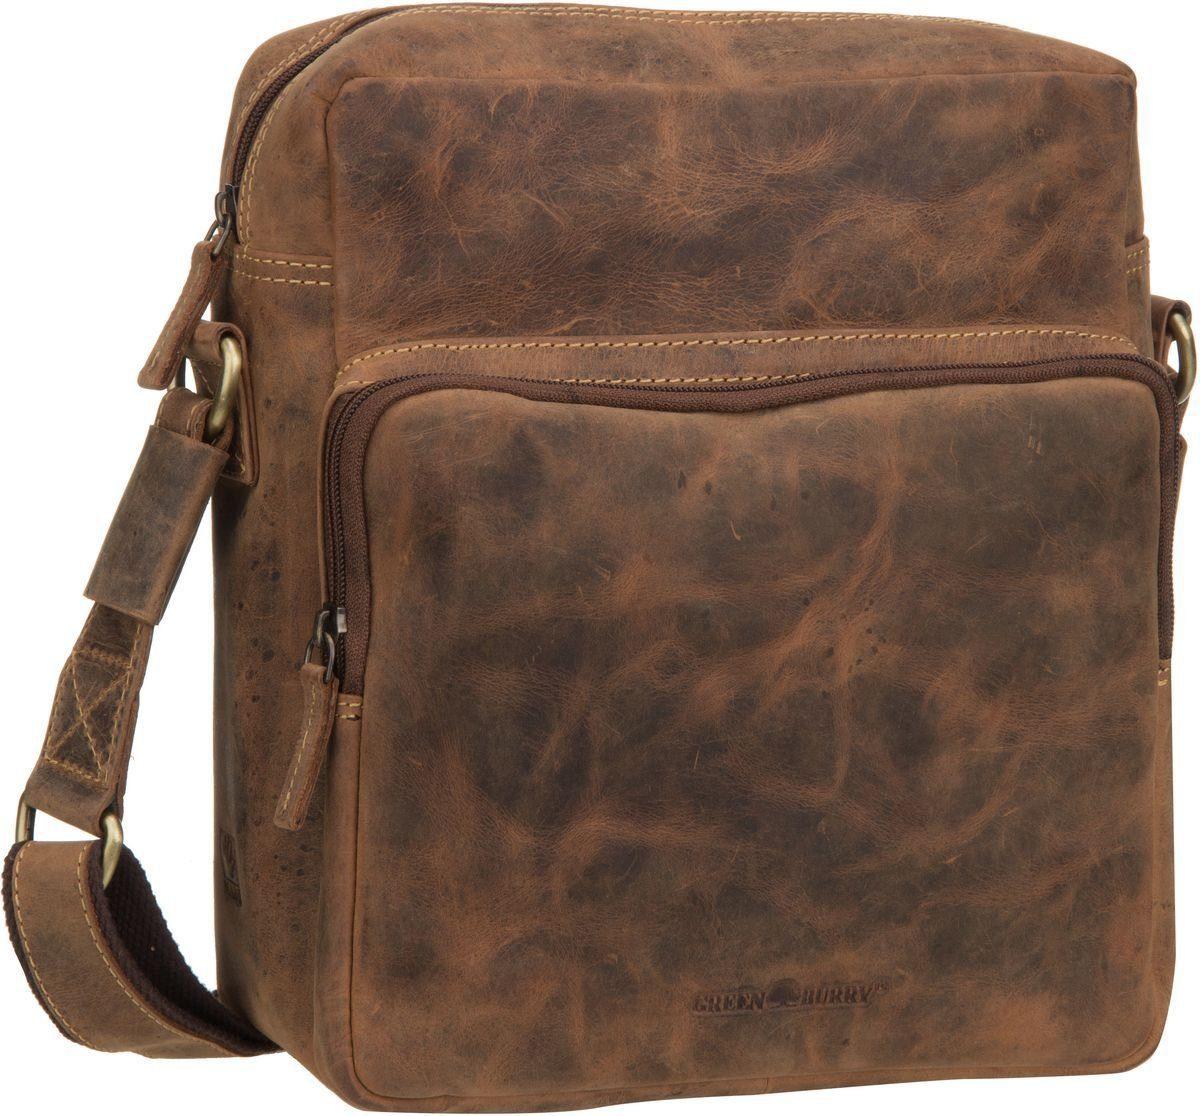 Greenburry Notebooktasche / Tablet »Vintage 1654 Reporter Bag«